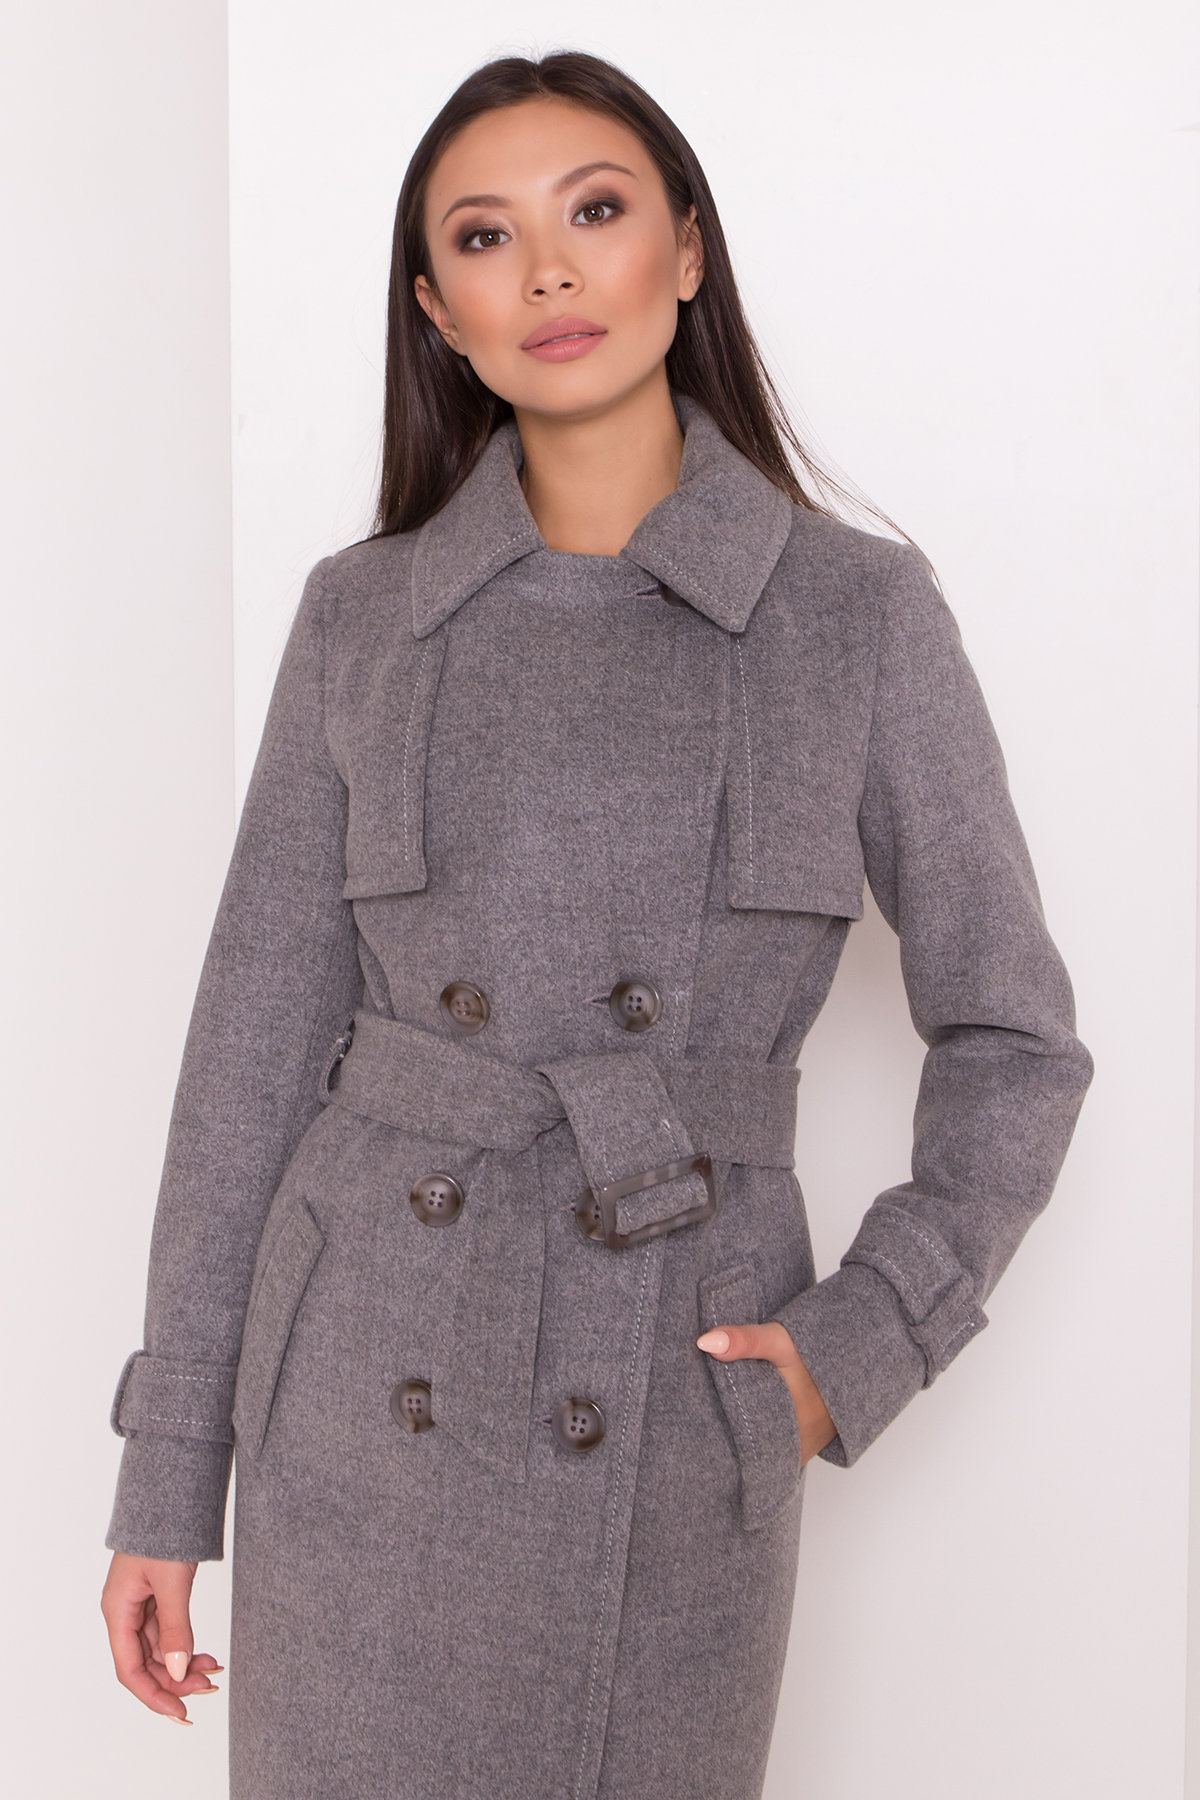 Элегантное пальто со съемным поясом Монте 8087 АРТ. 44029 Цвет: Серый 18 - фото 5, интернет магазин tm-modus.ru